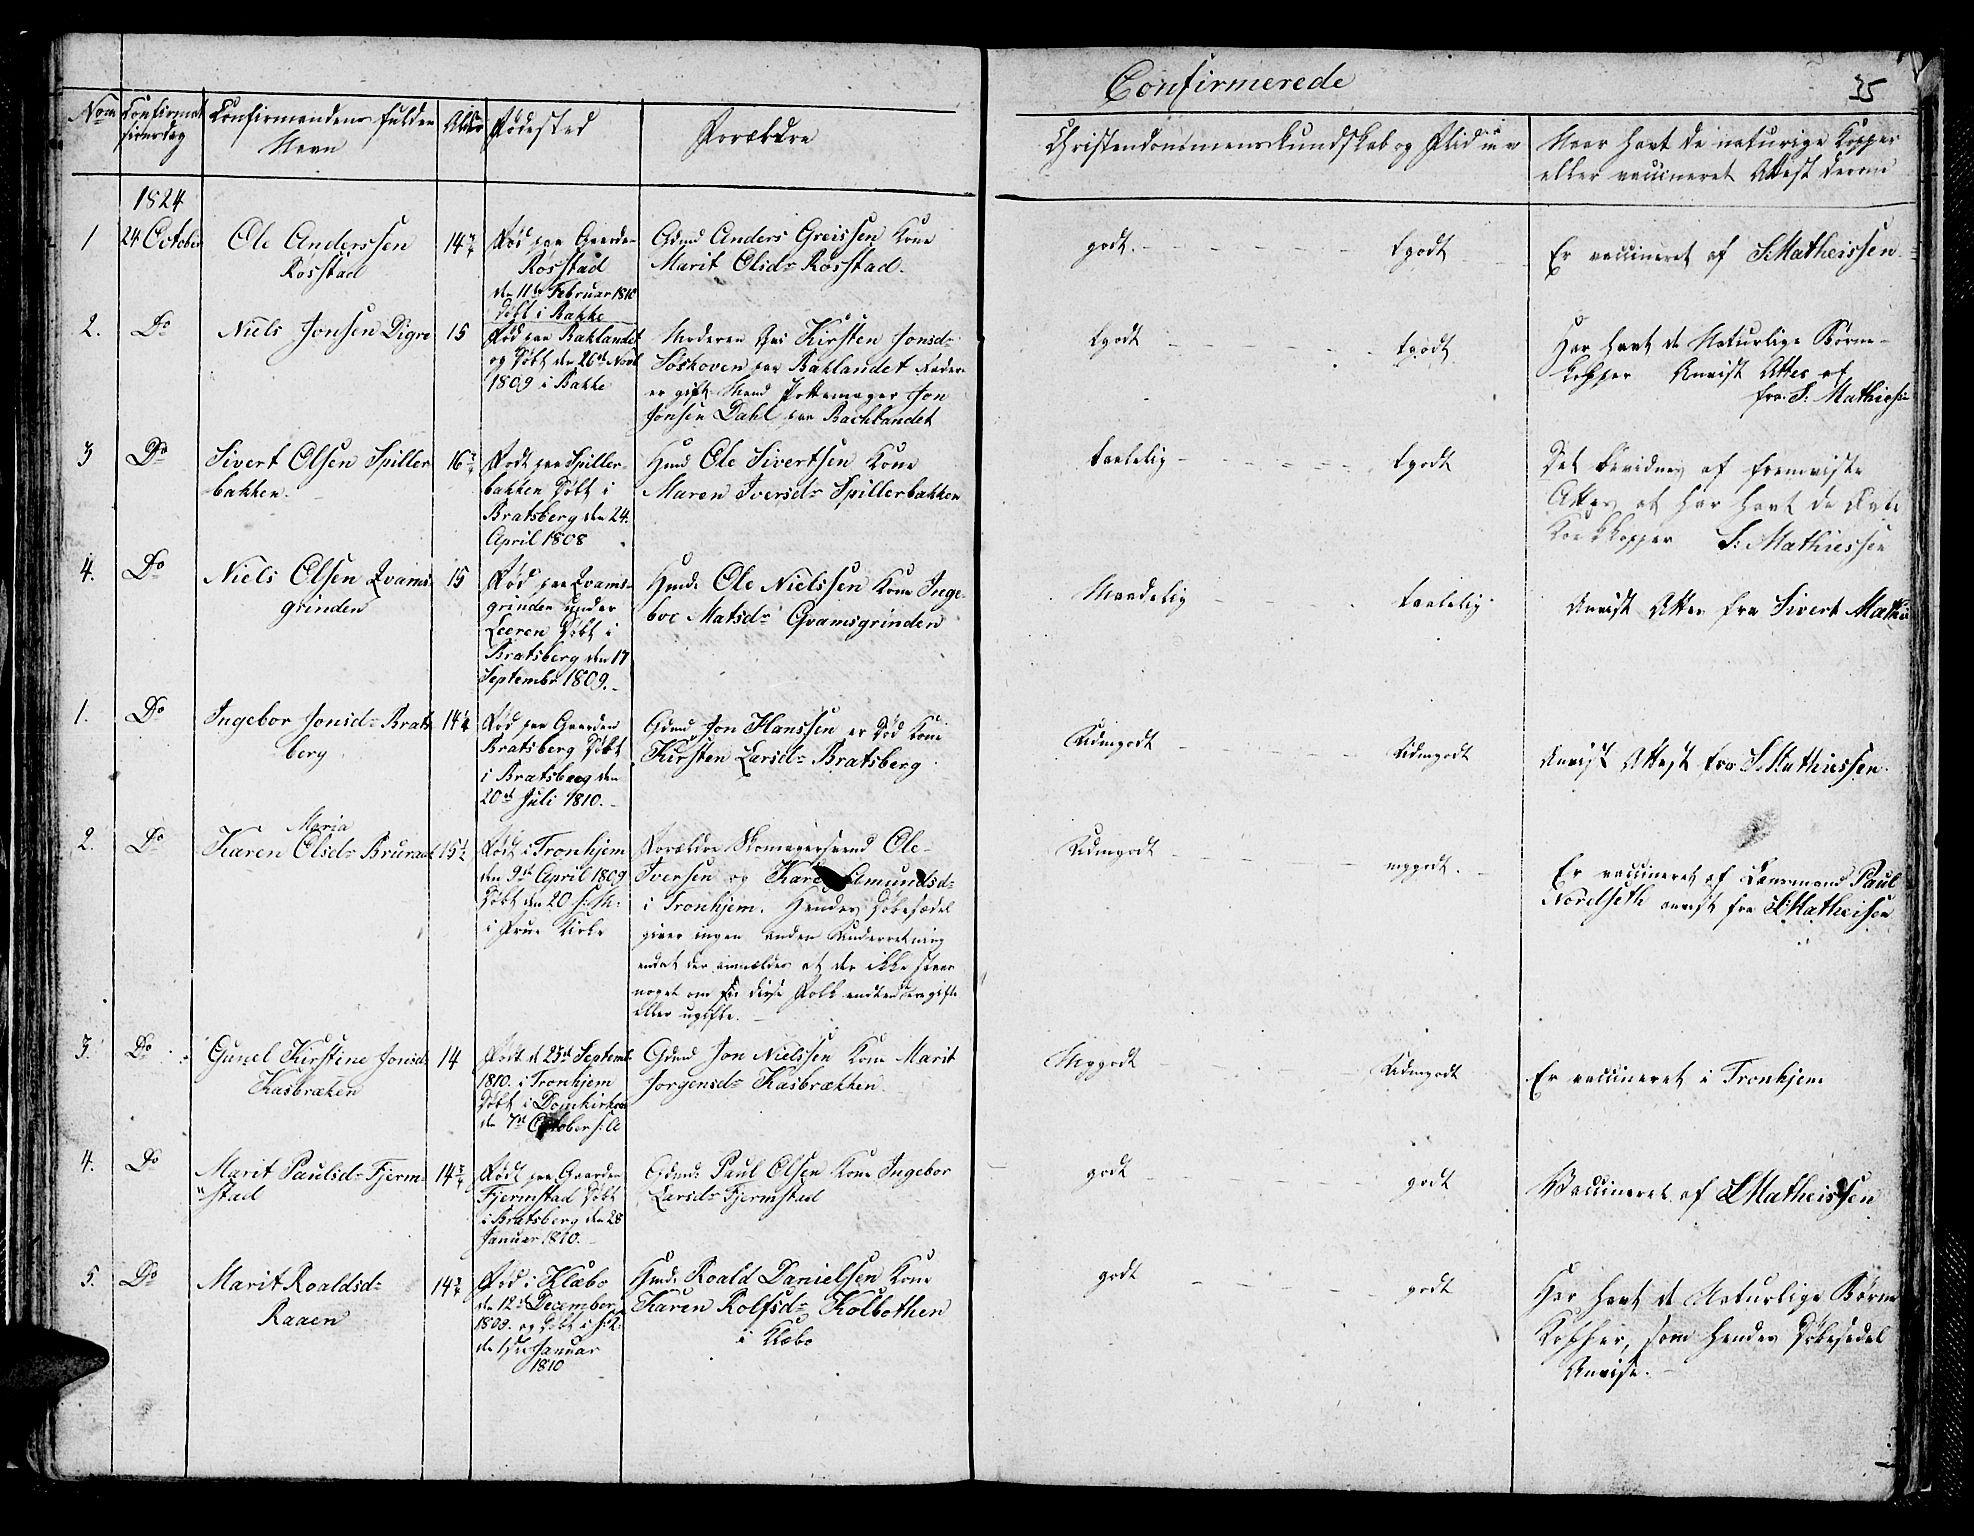 SAT, Ministerialprotokoller, klokkerbøker og fødselsregistre - Sør-Trøndelag, 608/L0337: Klokkerbok nr. 608C03, 1821-1831, s. 35